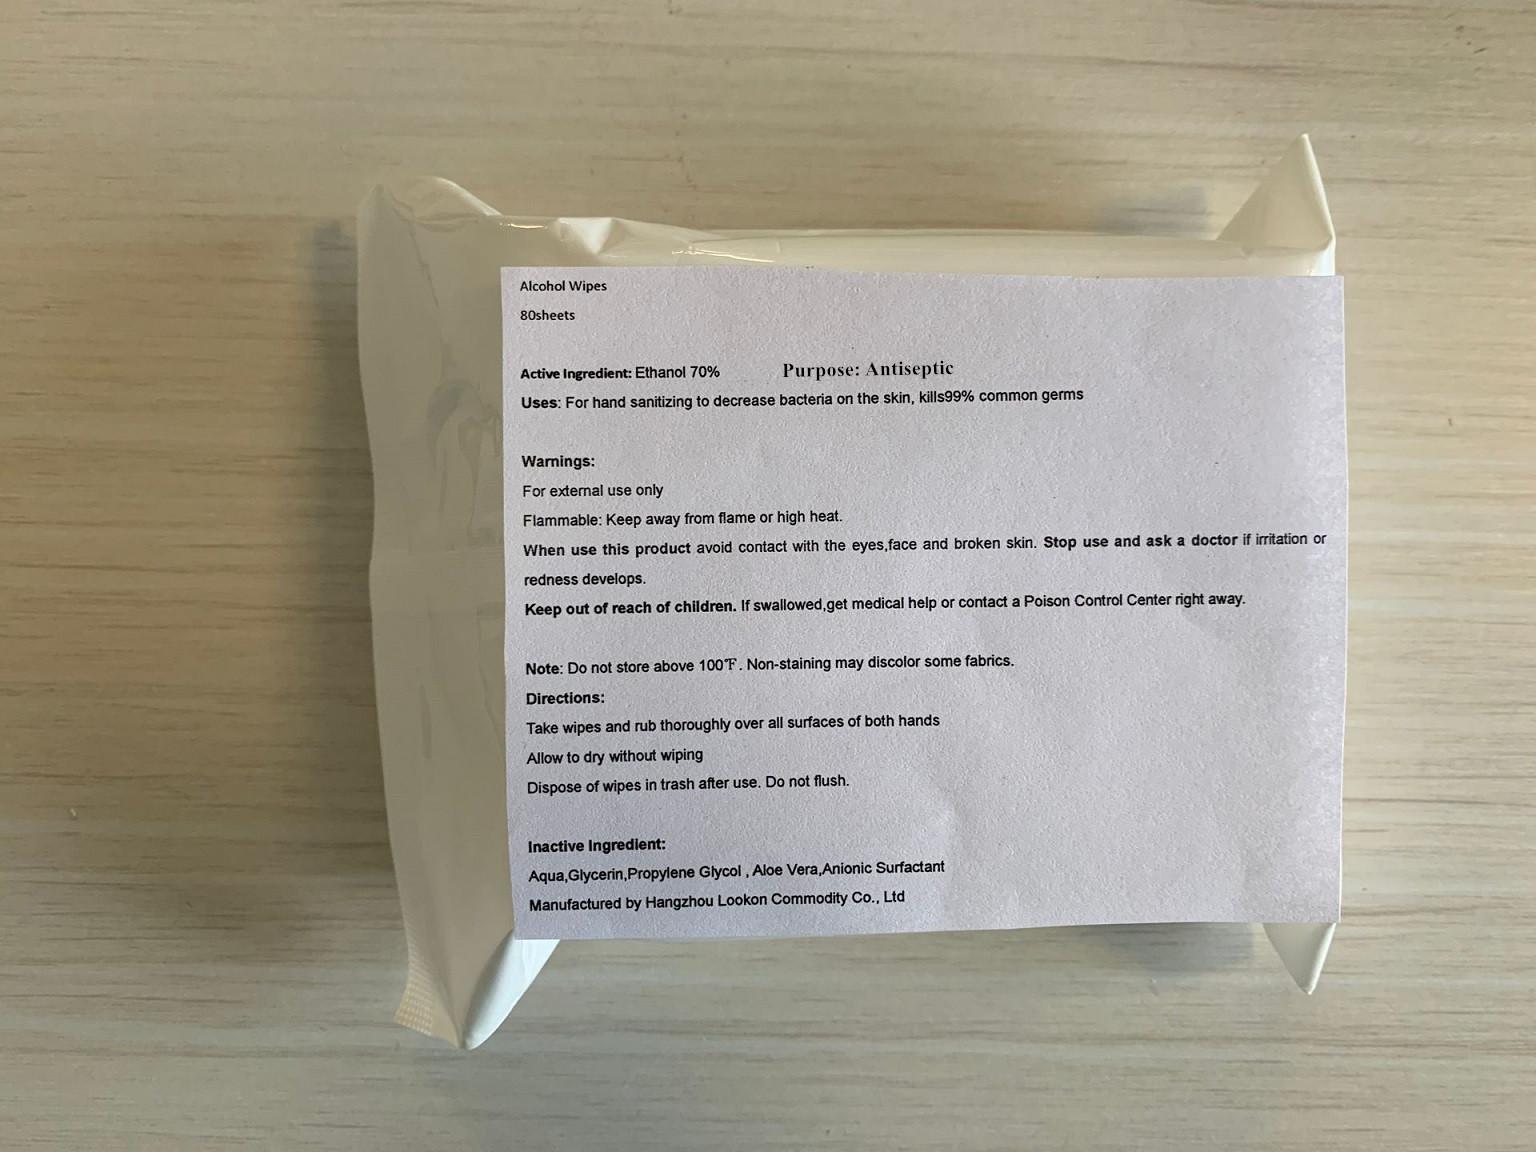 80 in bag label